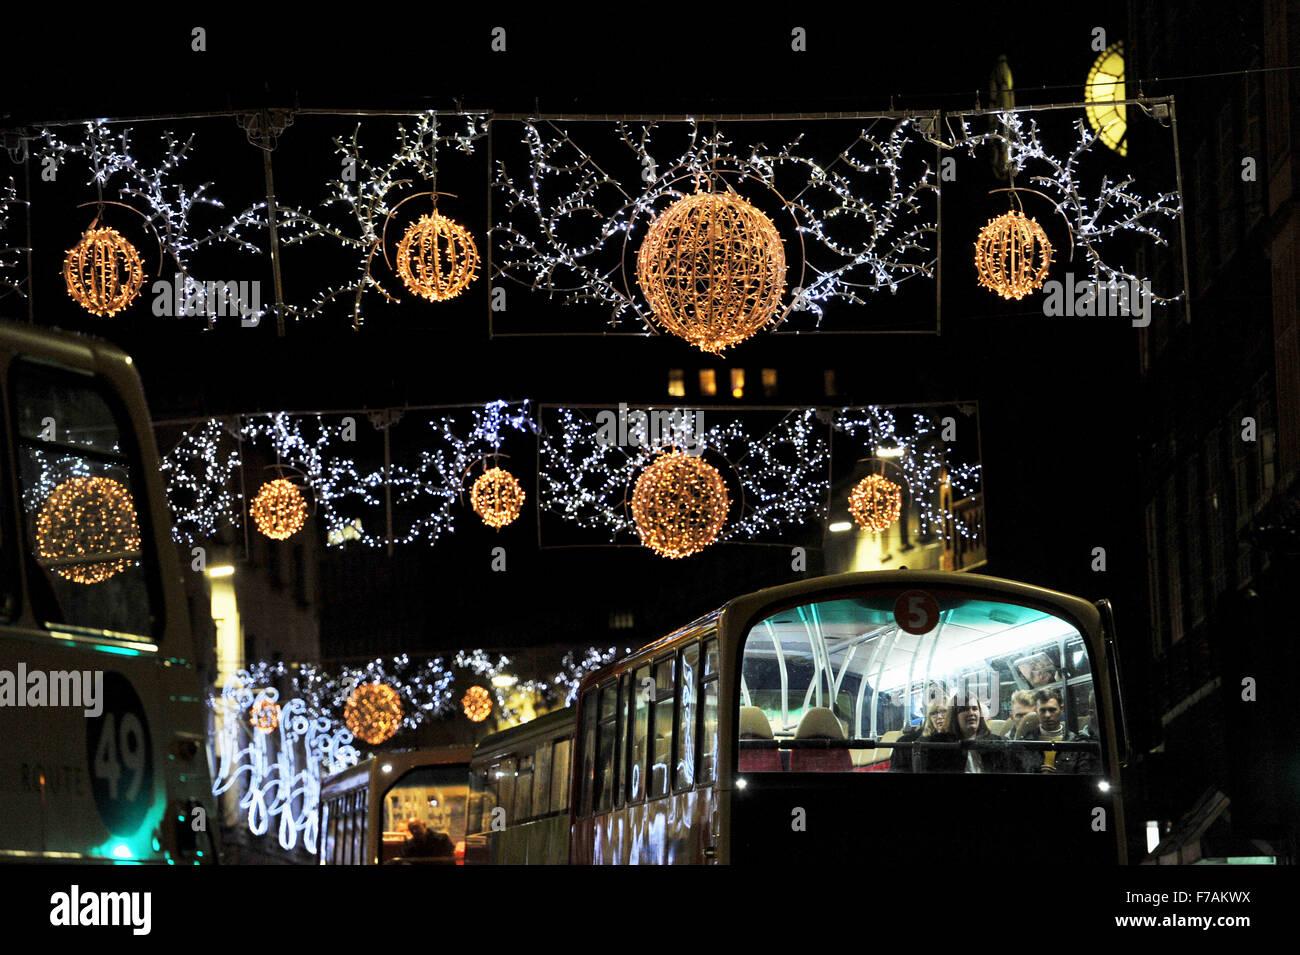 Brighton UK bekommen 27. November 2015 - Passagiere auf diesem Bus eine Nahaufnahme vom oberen Deck der Weihnachtsbeleuchtung Stockfoto